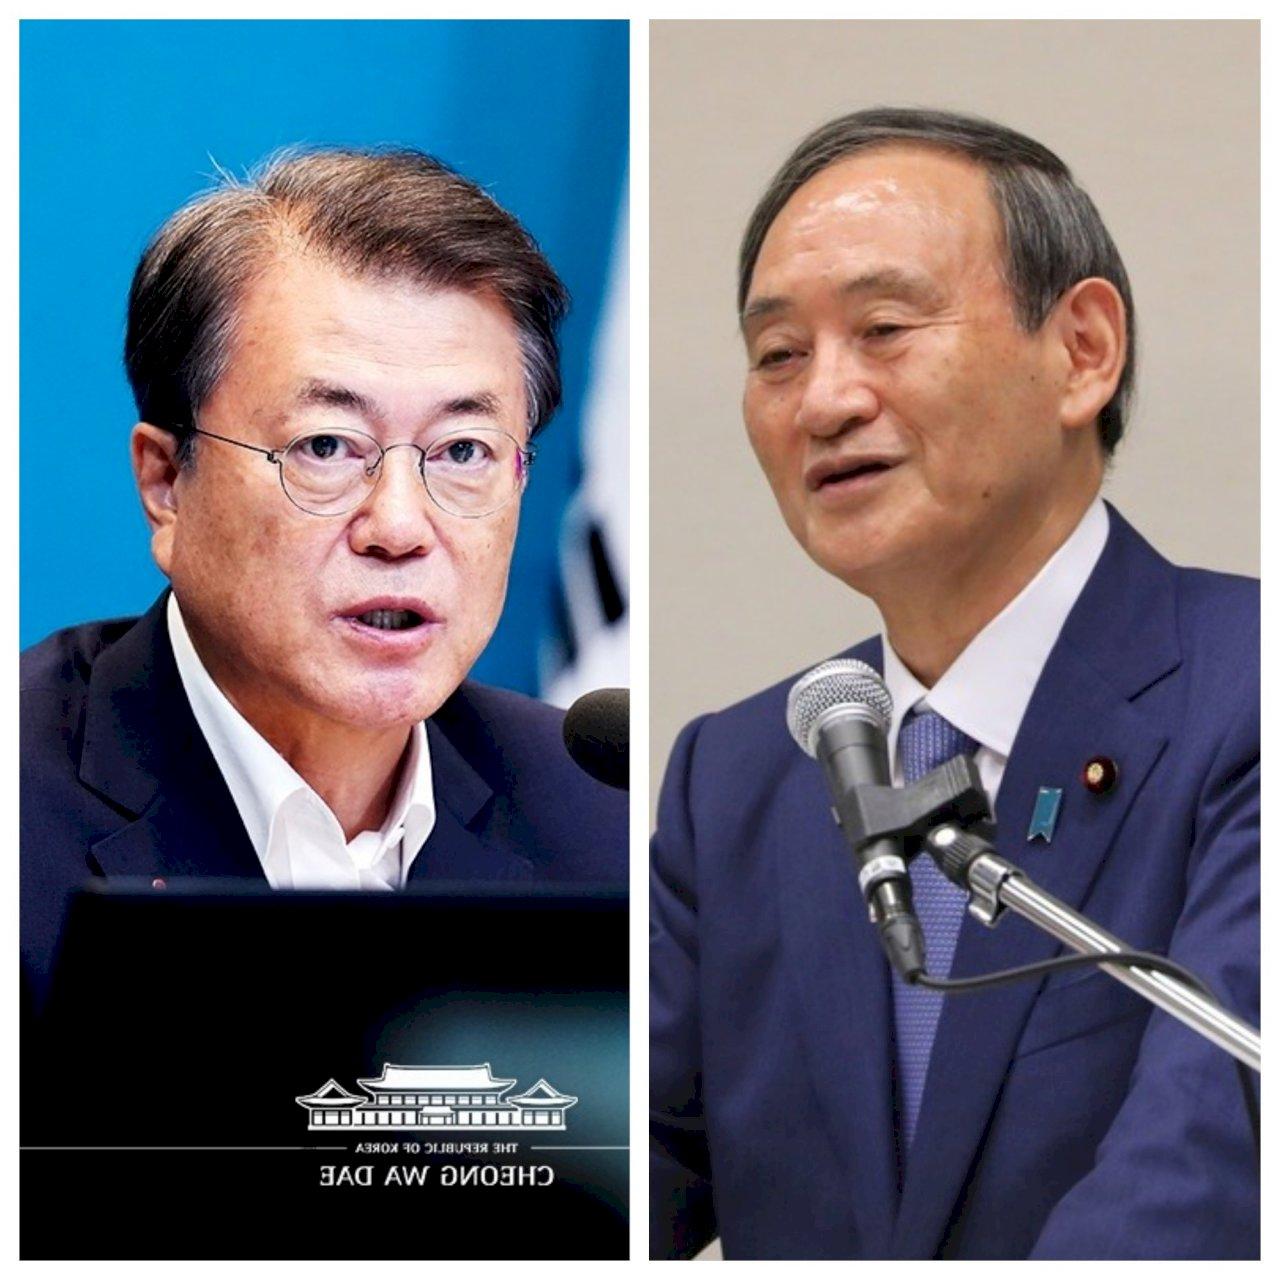 共同對抗北韓 菅義偉希望修復與南韓關係